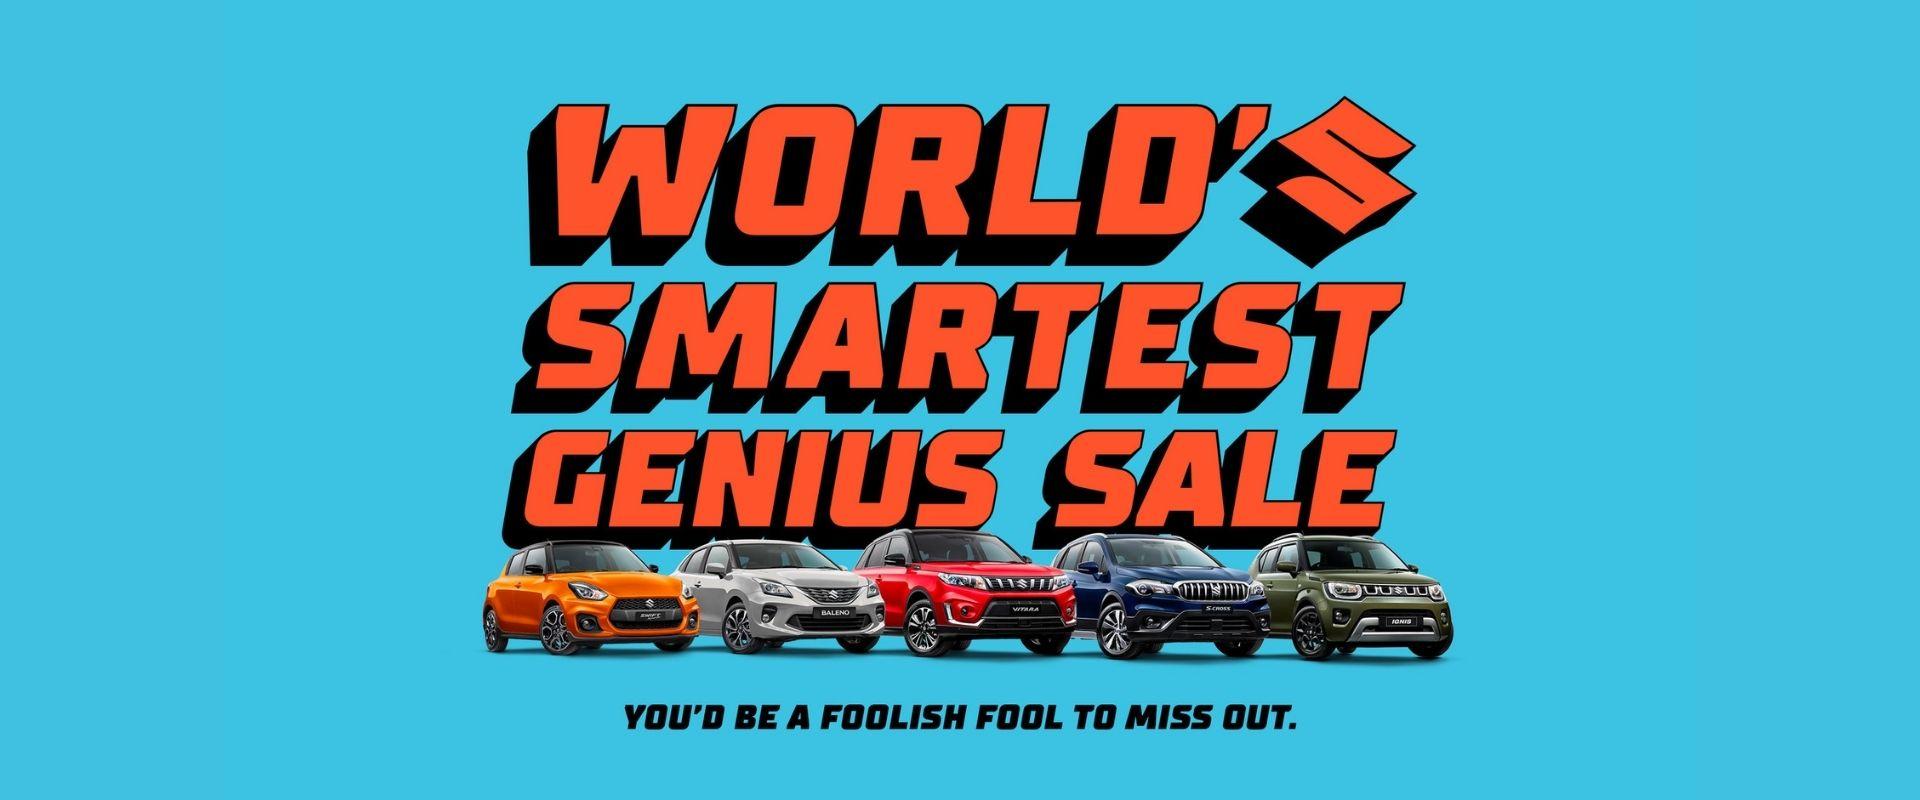 Suzuki World's Smartest Genius Sale